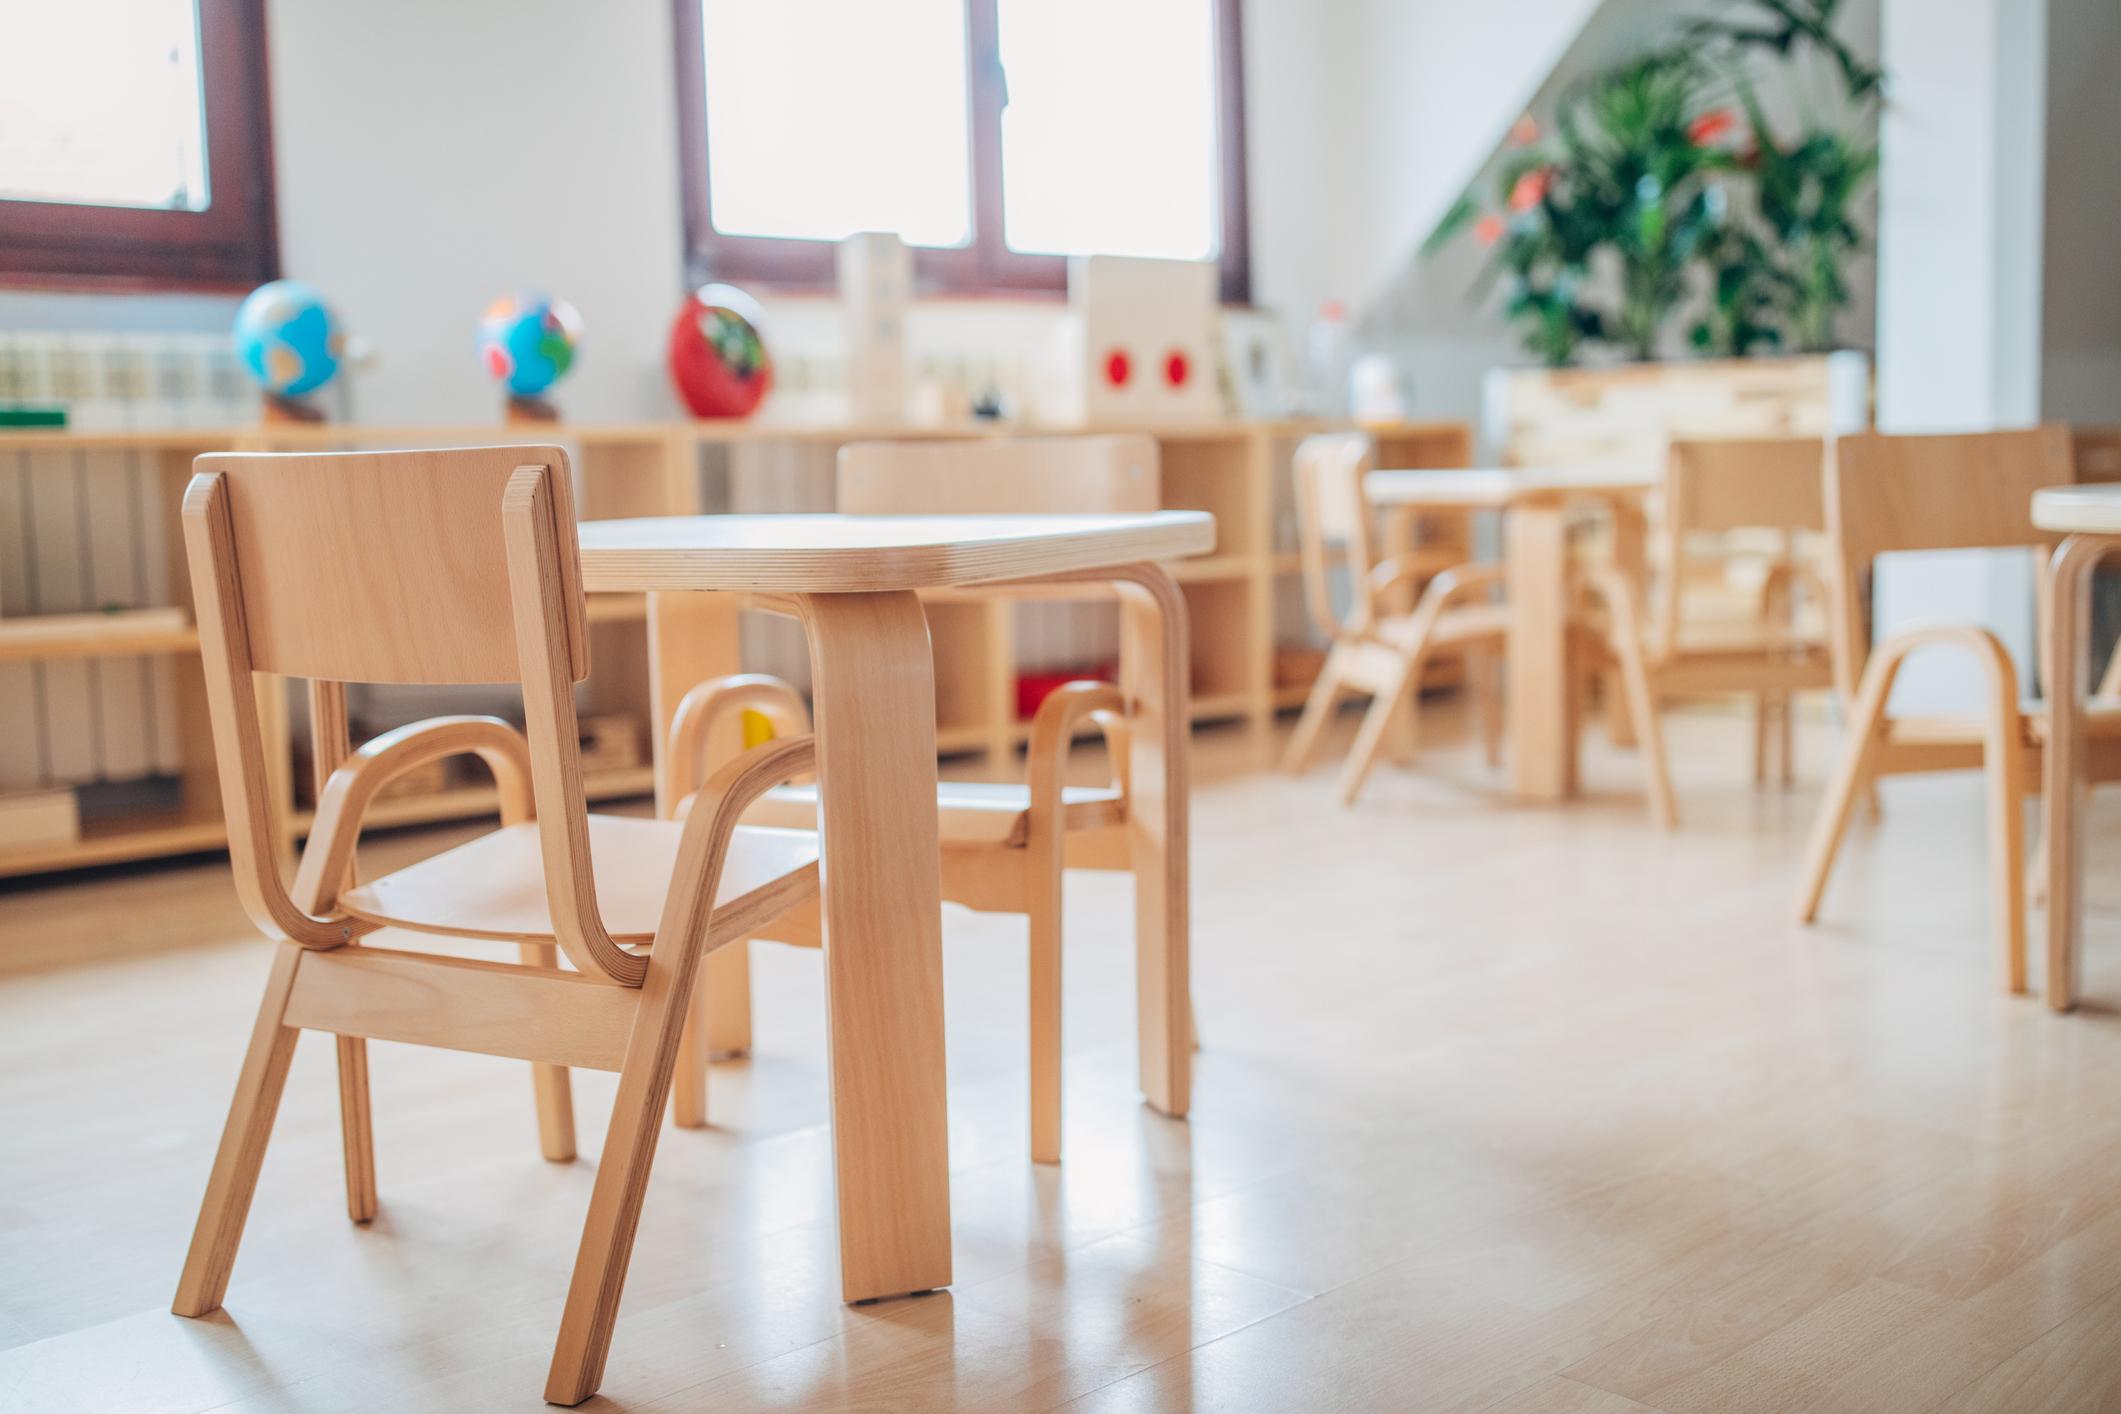 An empty preschool desk